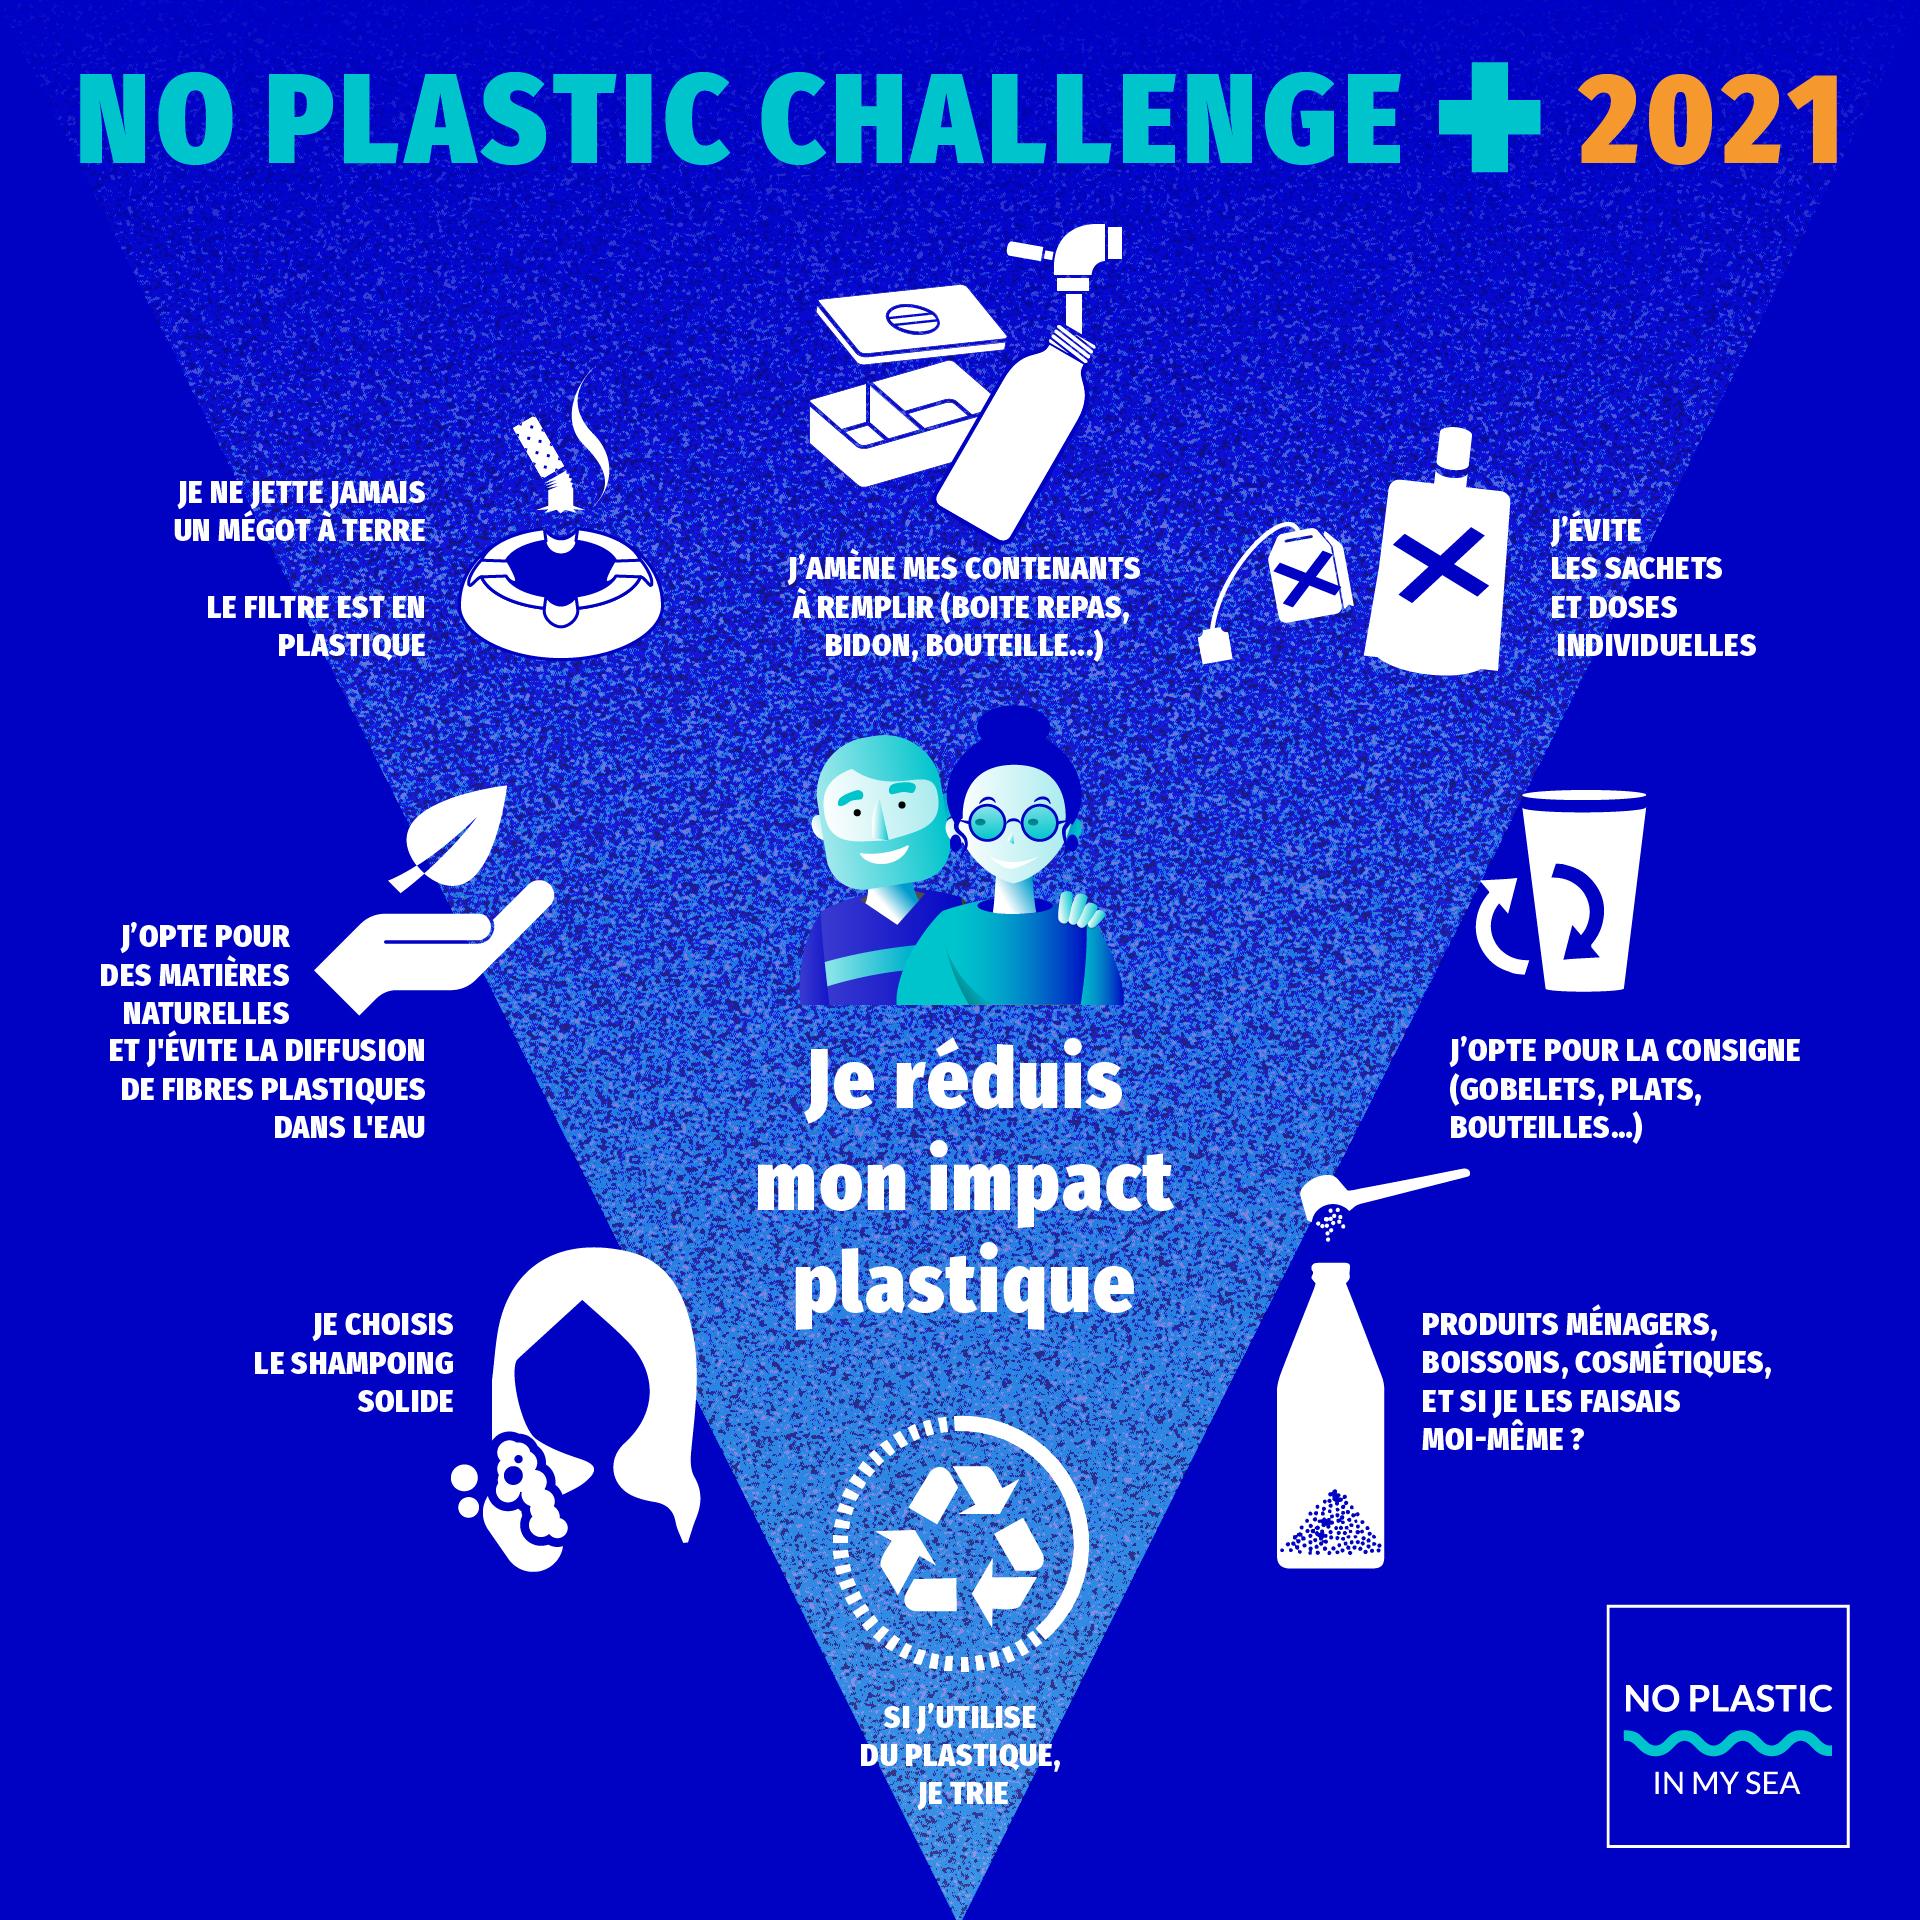 Noplasticchallenge : une campagne de mobilisation des consommateurs ! 801